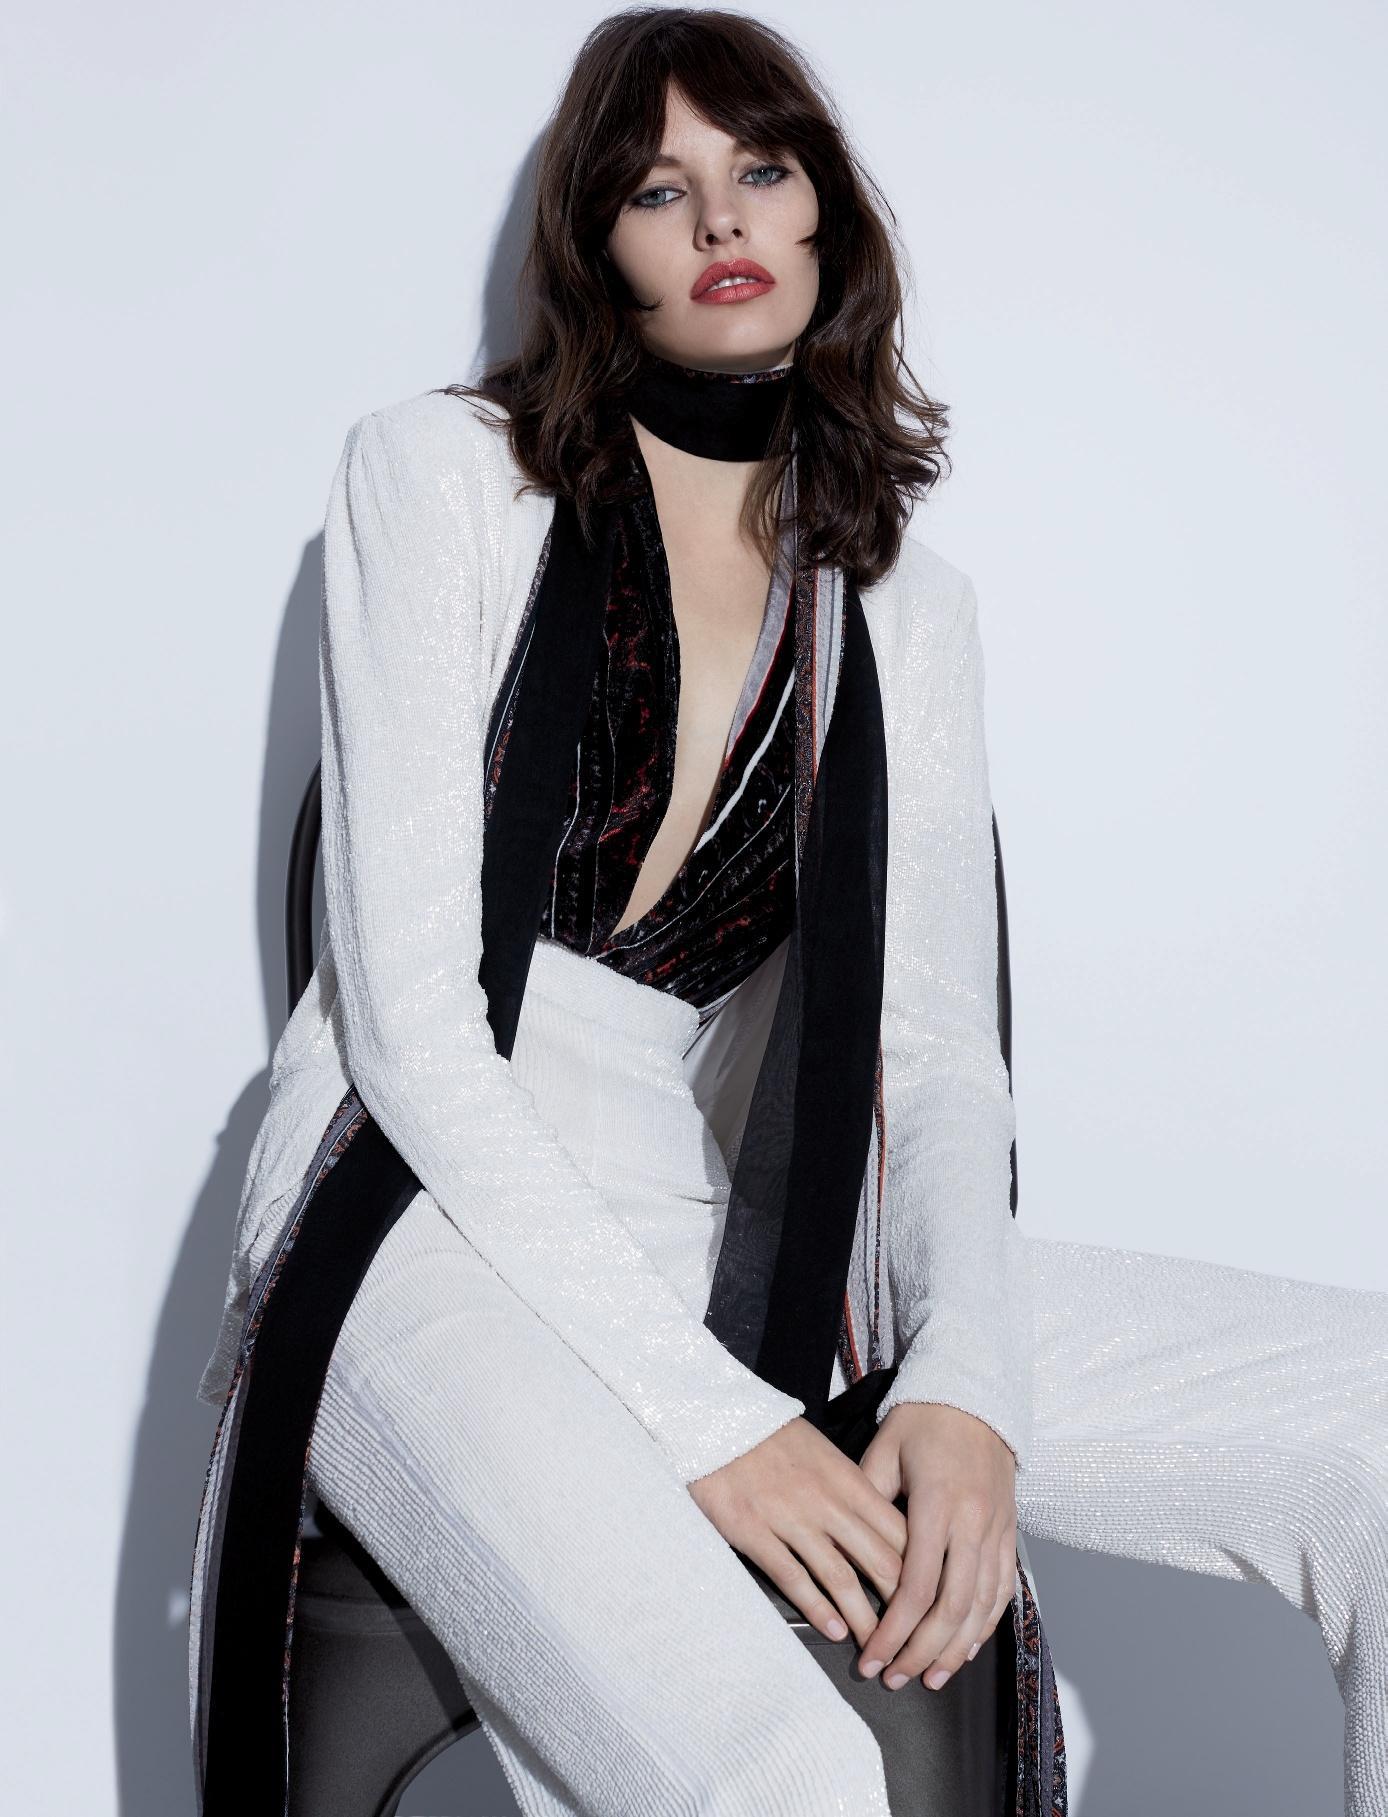 foto Amanda Murphy (model)